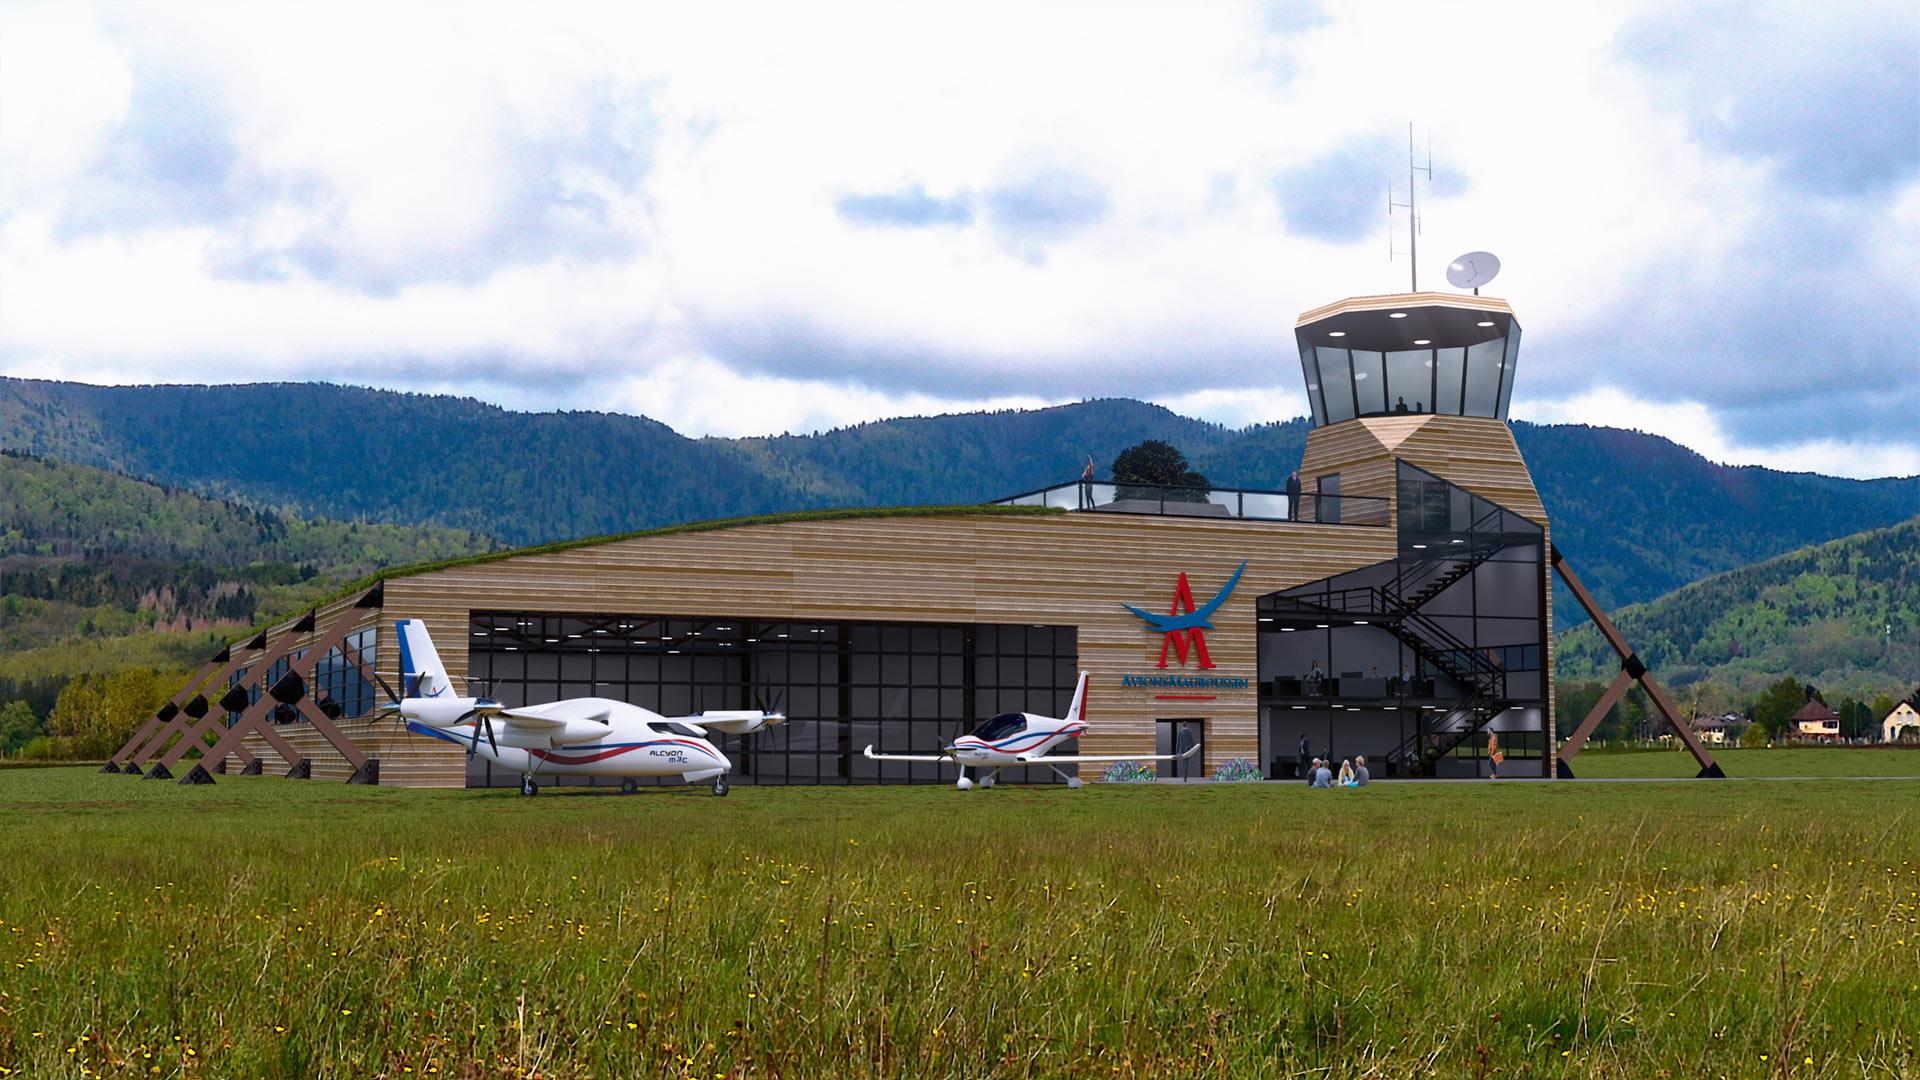 AVIONS MAUBOUSSIN Avions à propulsion hybride et hydrogène, à atterrissages et décollages courts répondant aux exigences de la mobilité moderne